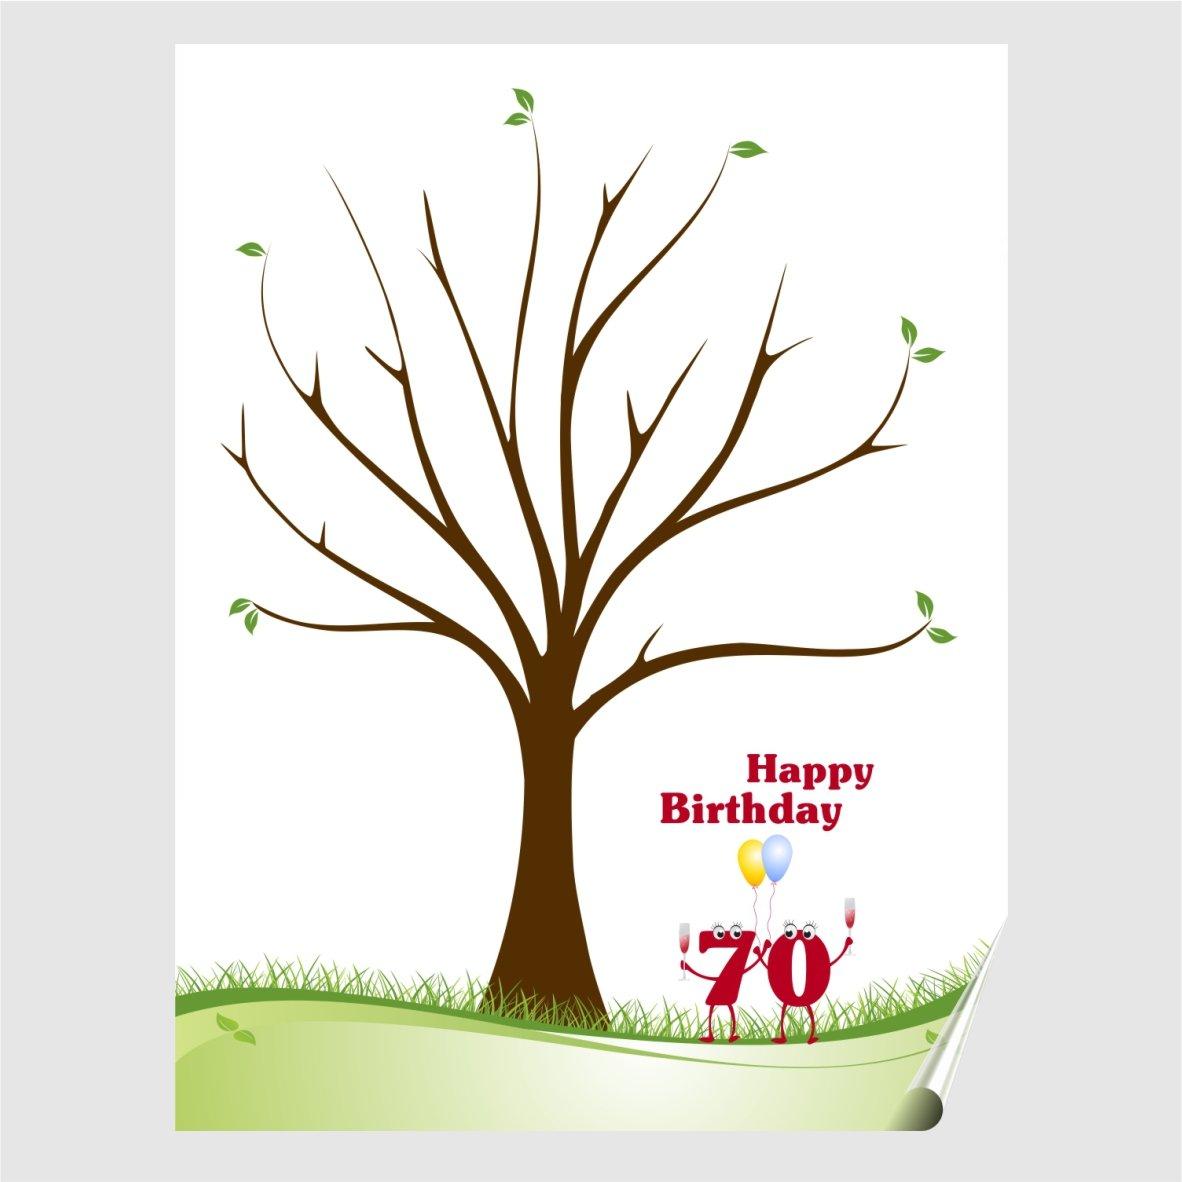 Impronte digitali albero poster compleanno e Spumante, regalo, Party gioco rotonda Compleanni Herzl-Manufaktur